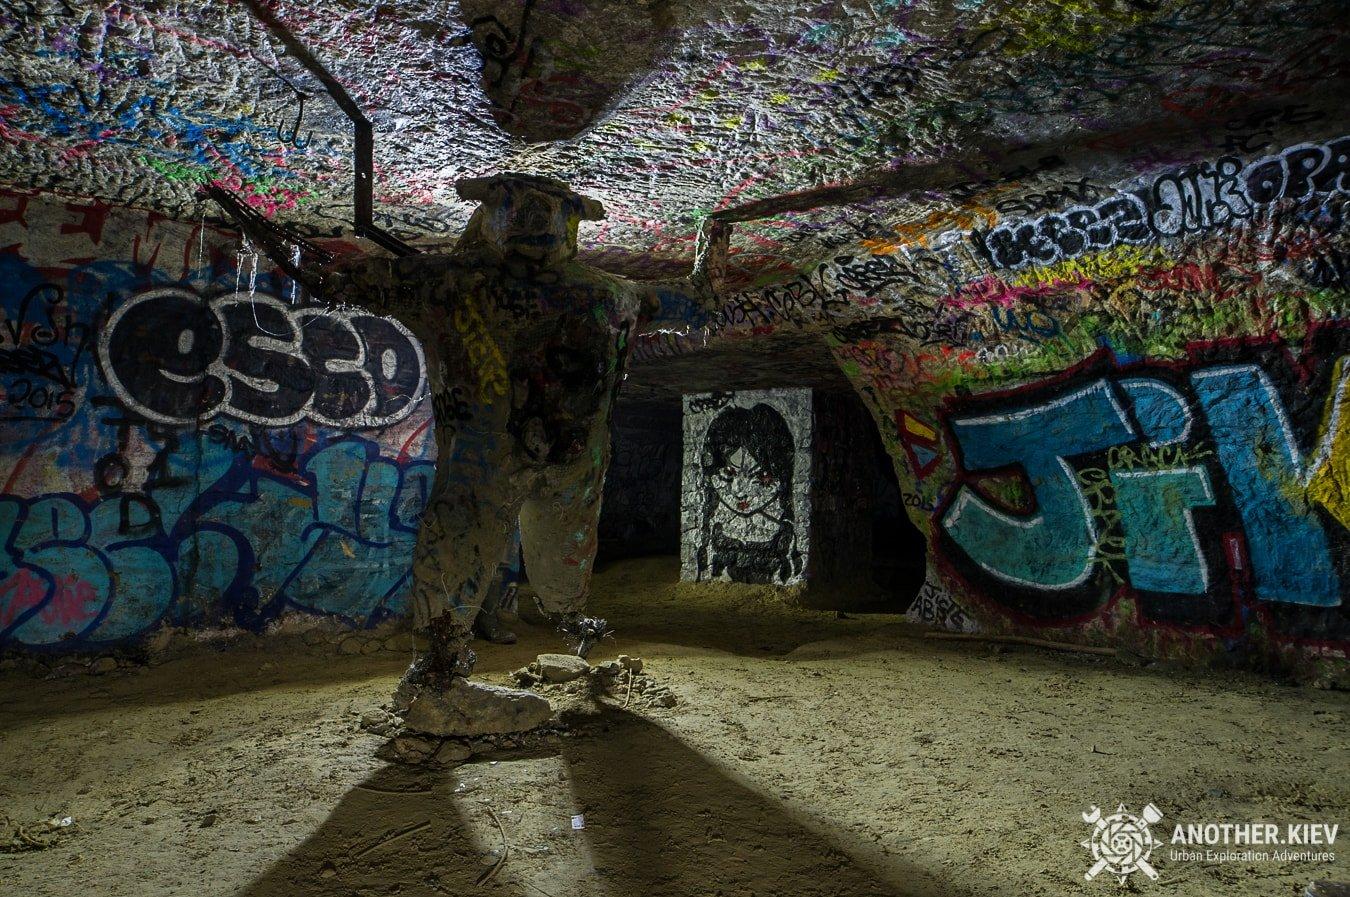 paris-catacombs-dark-urbex-tour-underground-monmartre PARIS CATACOMBS DARK TOUR